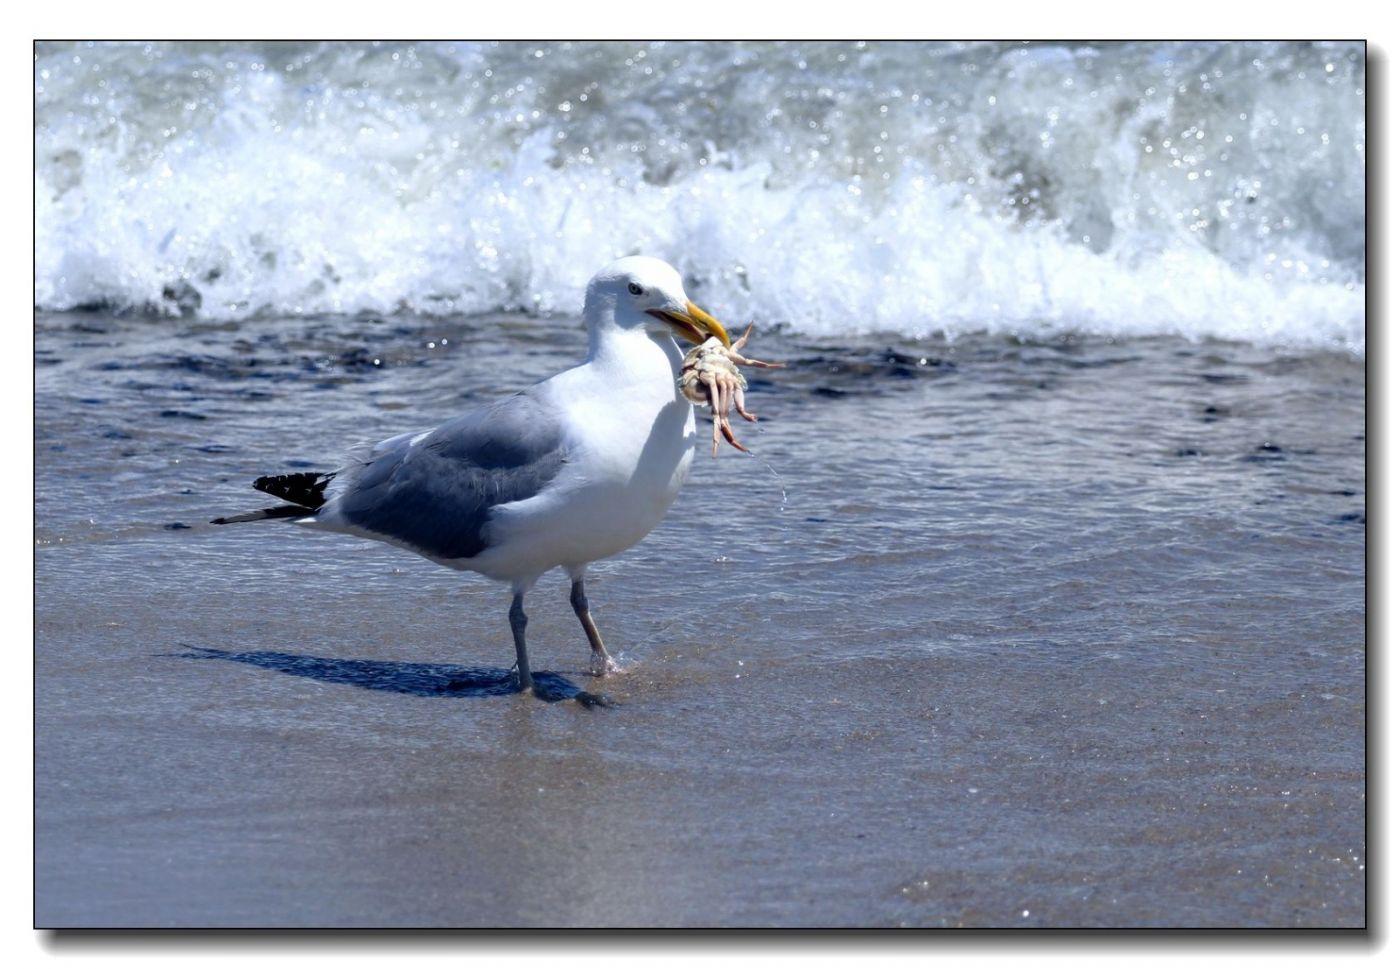 洛克威海滩拍鸟-银鸥_图1-3